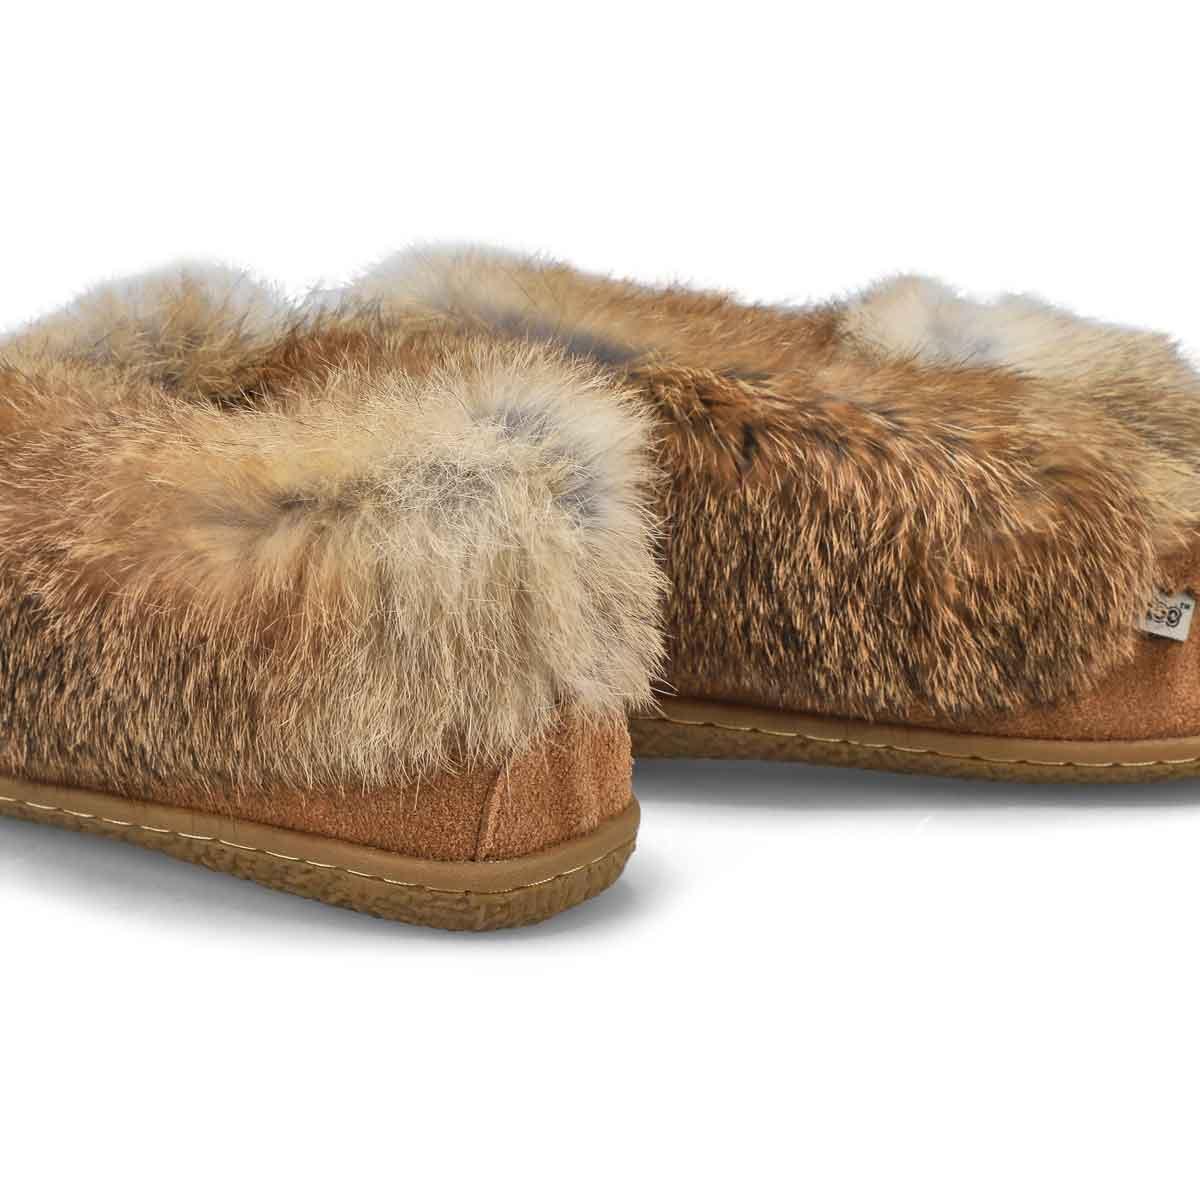 Women's Cute 5 Rabbit Fur Moccasin - Mocha